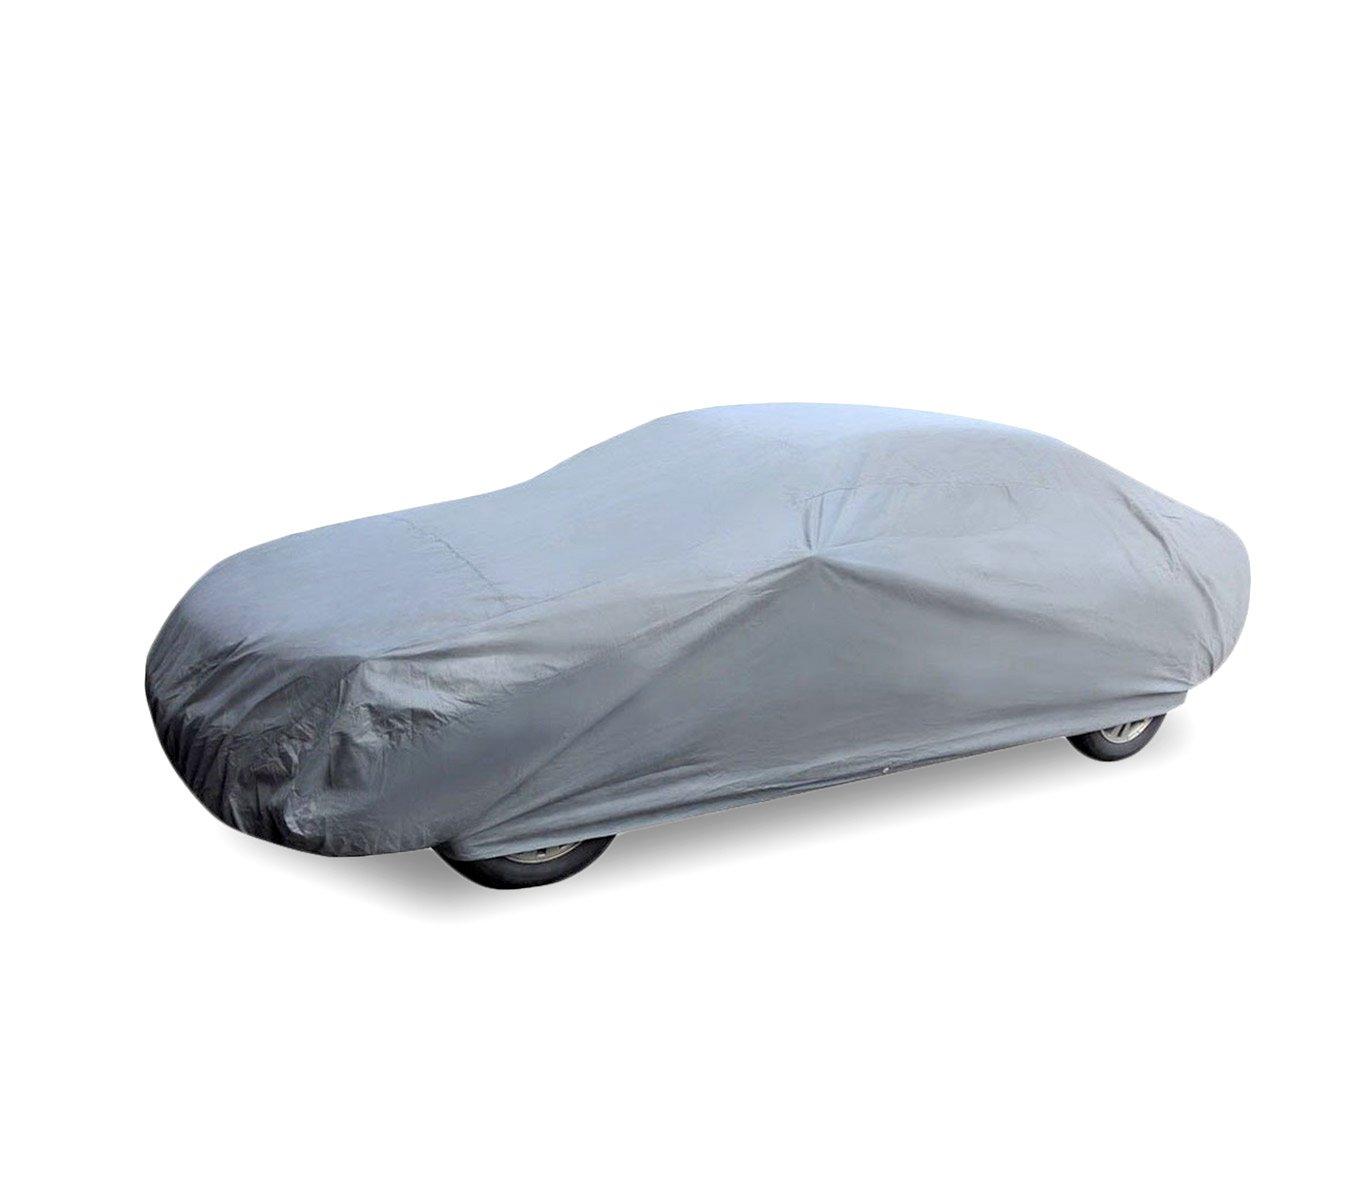 M MEDIA WAVE store Telo copriauto Copri Auto Impermeabile peva PVC in Diverse Misure